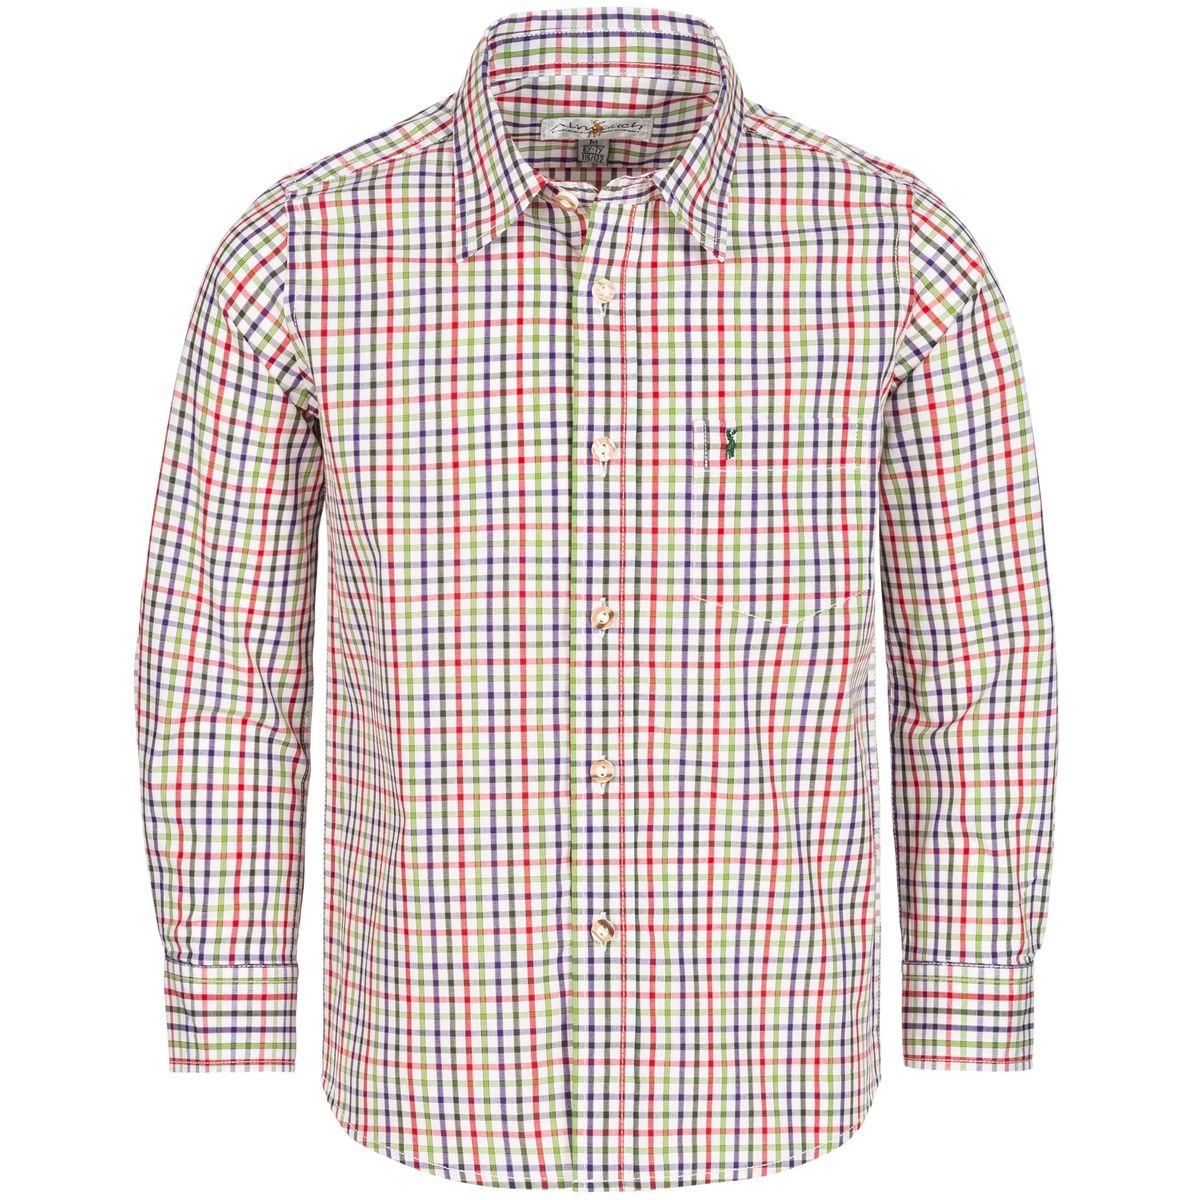 Trachtenhemd für Kinder mehrfarbig in Dunkelgrün, Rot und Hellgrün von Almsach günstig online kaufen